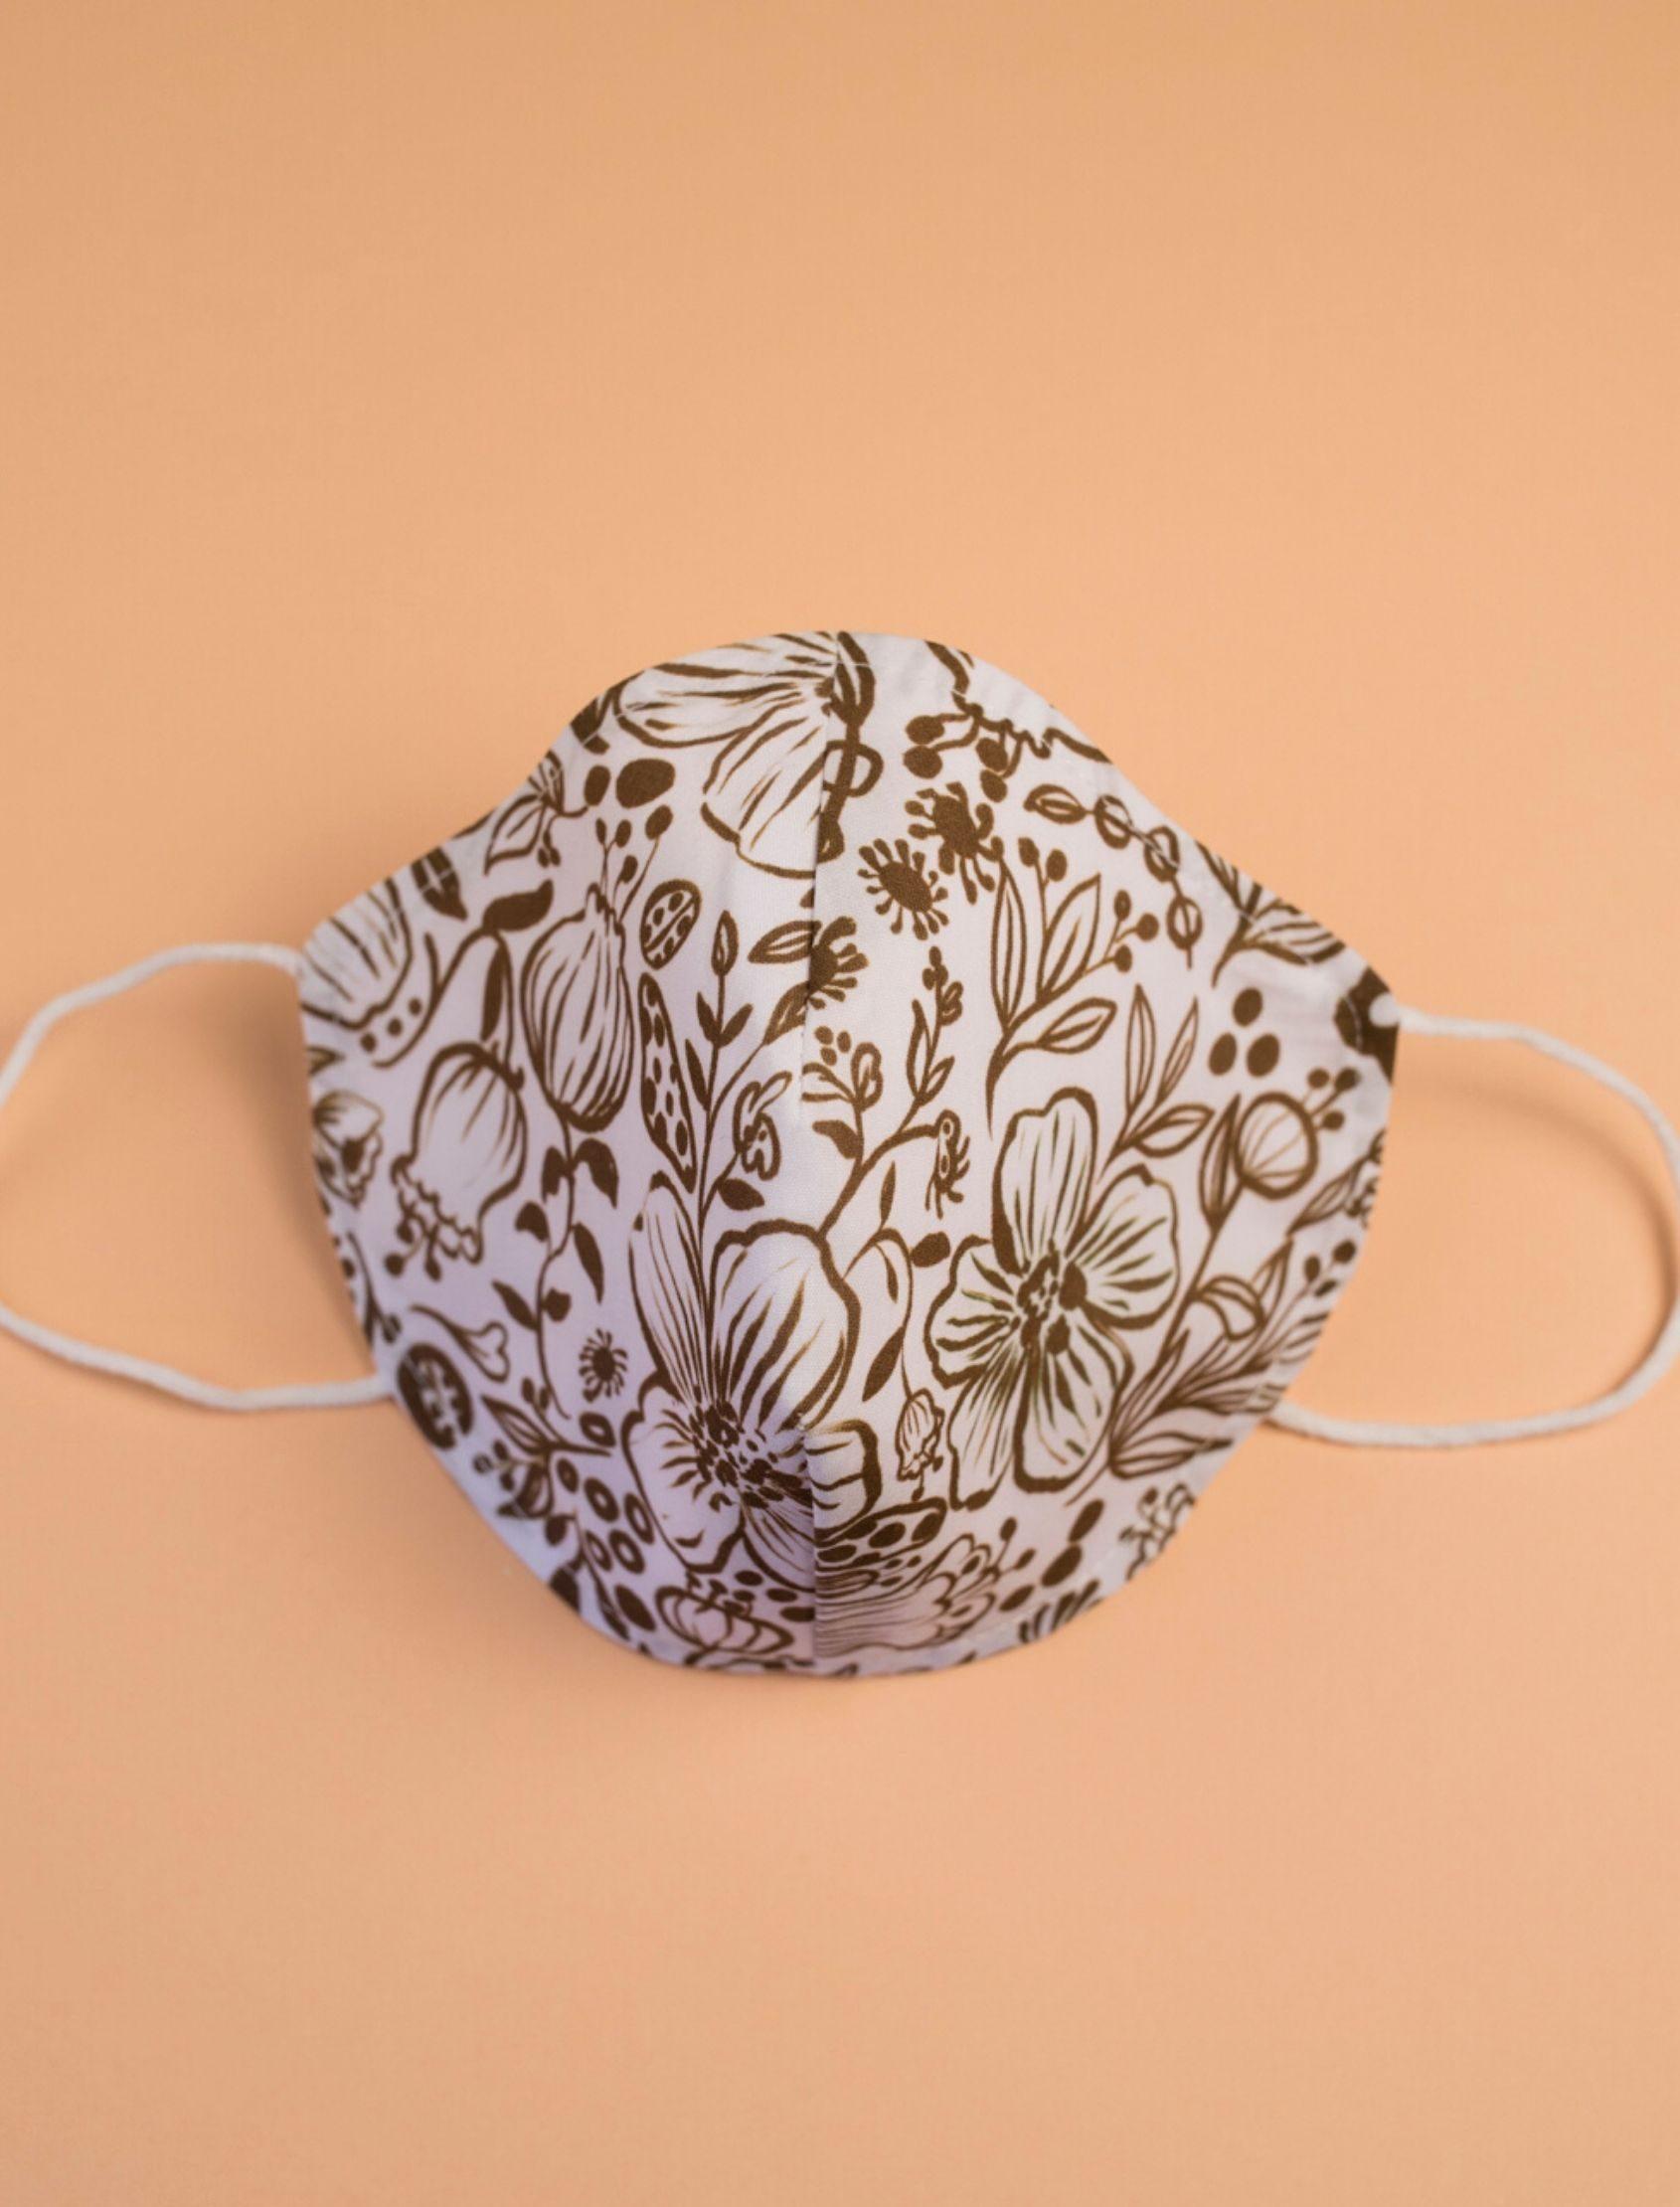 mascarilla lola con estampado floral diseñado por cris domínguez y con tejido homologado